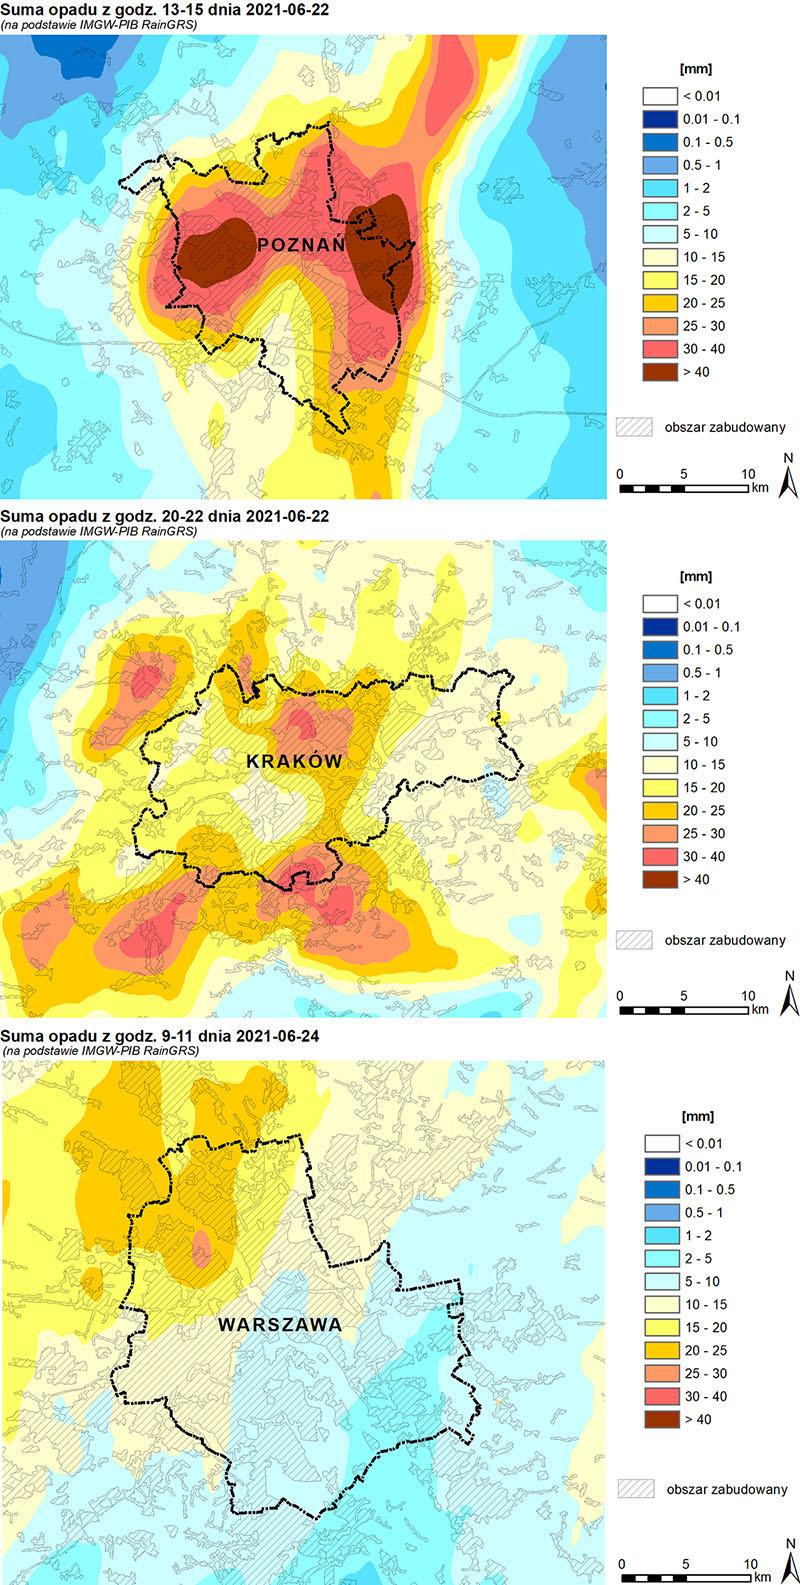 Przykładowe pola 3-godzinnych sum opadów dla wybranych miast podczas intensywnych zjawisk konwekcyjnych, utworzone przy użyciu danych RainGRS.